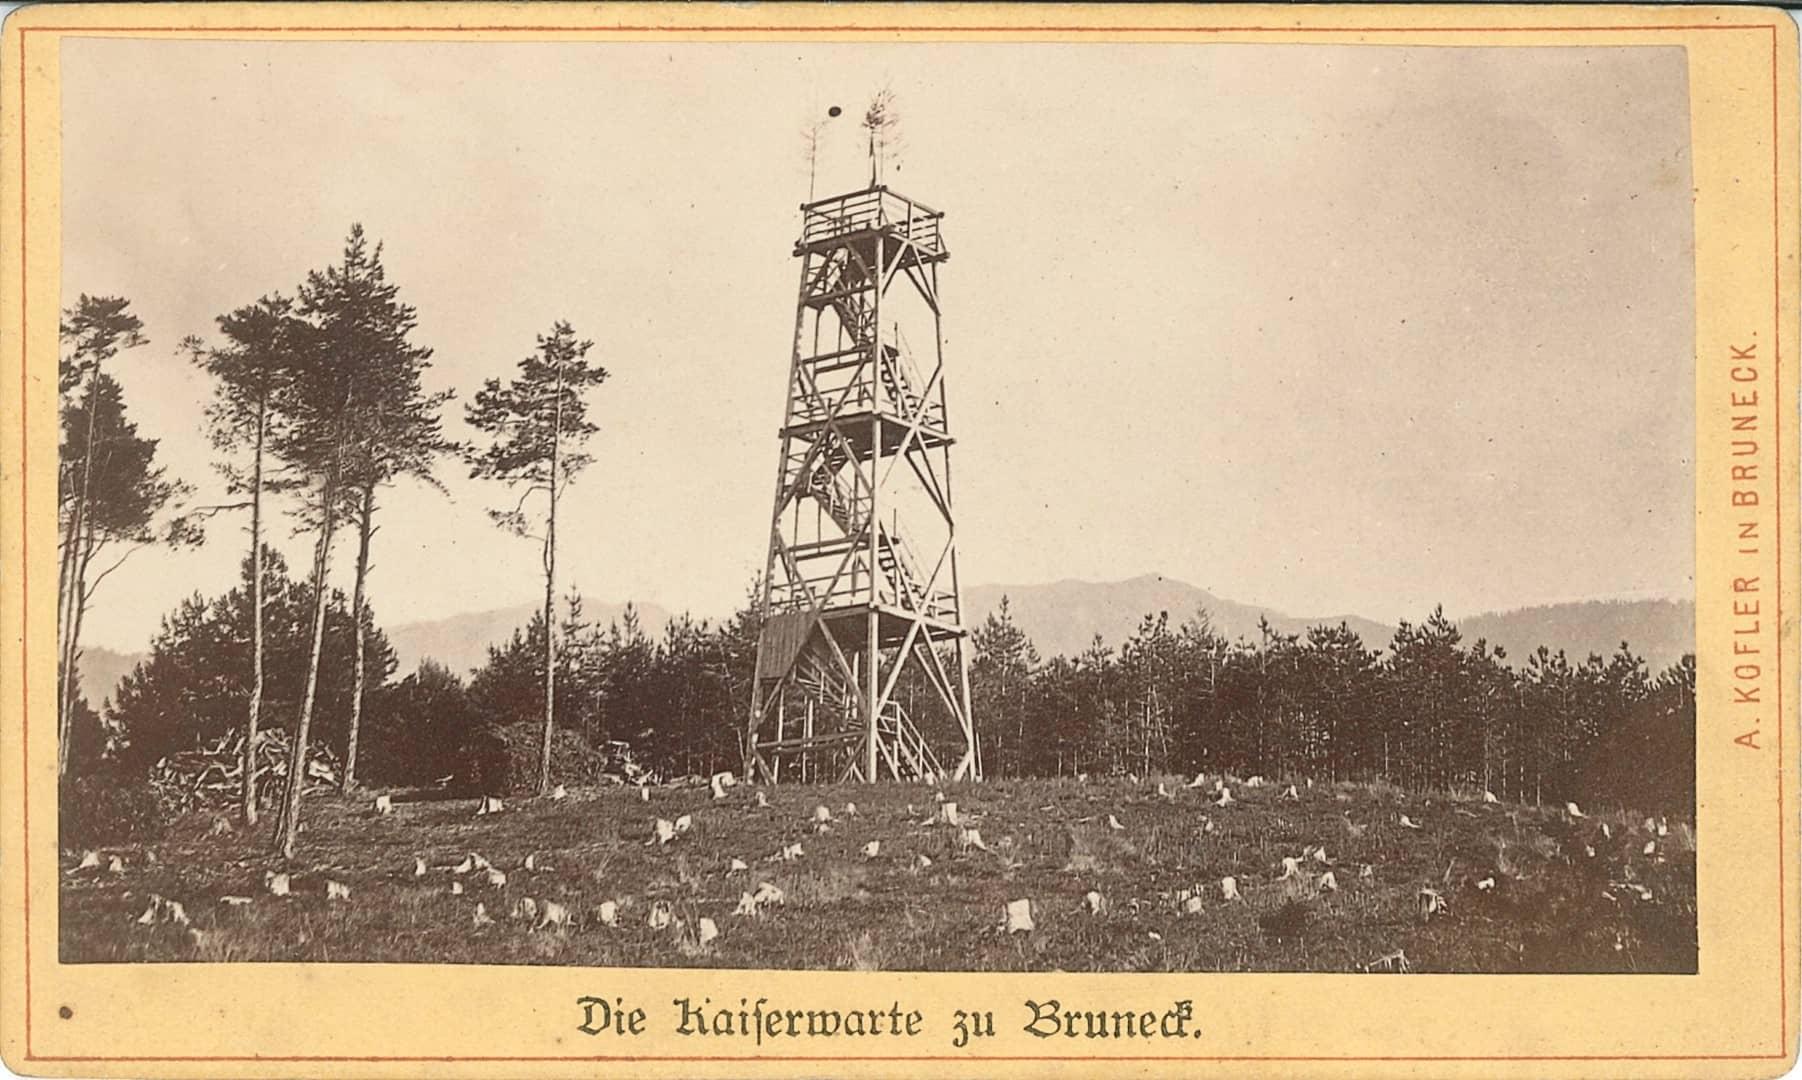 Der historische Aussichtsturm